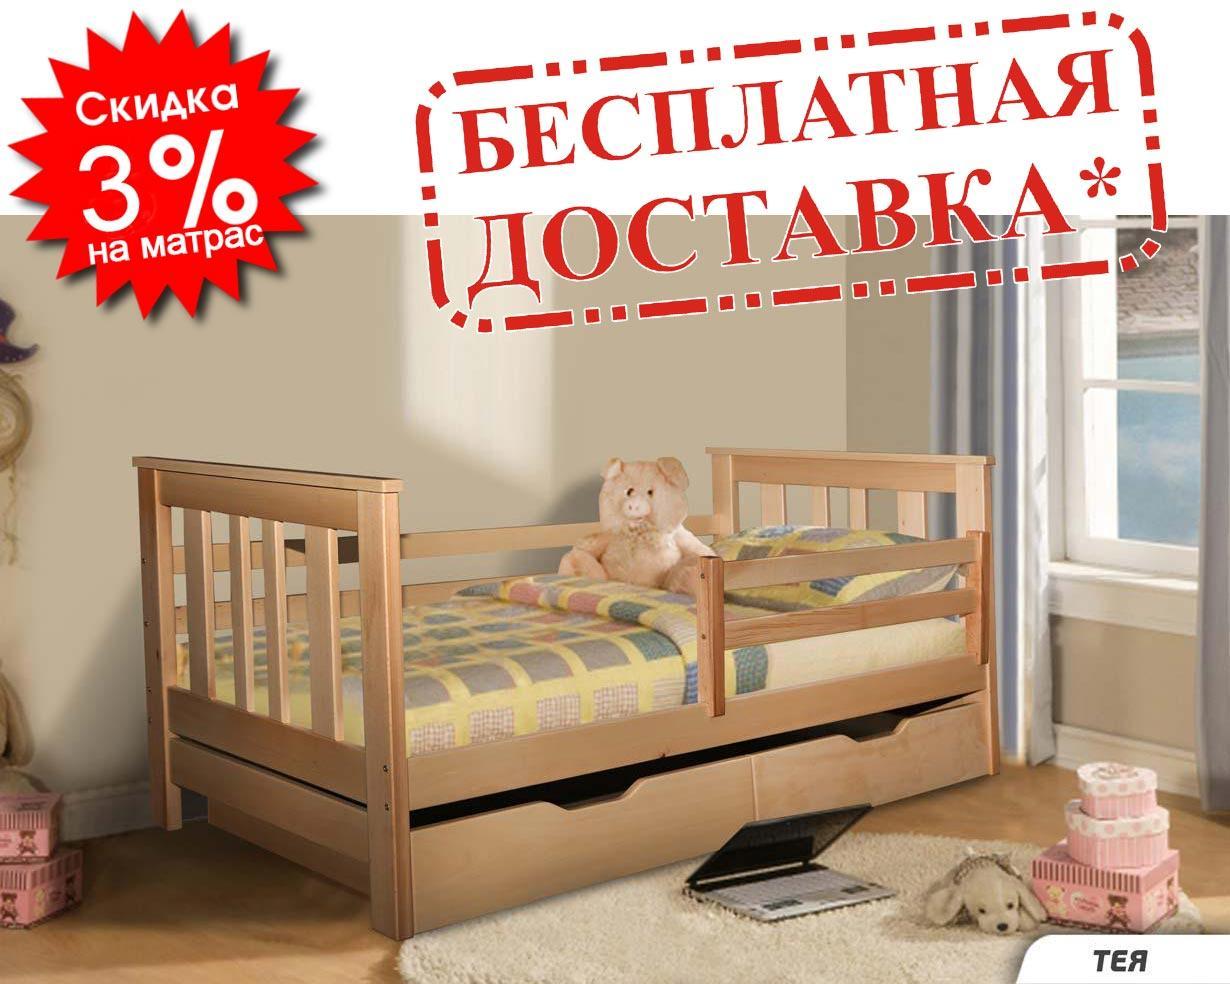 👪Дерев'яне ліжко Тея 80х190 см ТМ Mr.Mebl